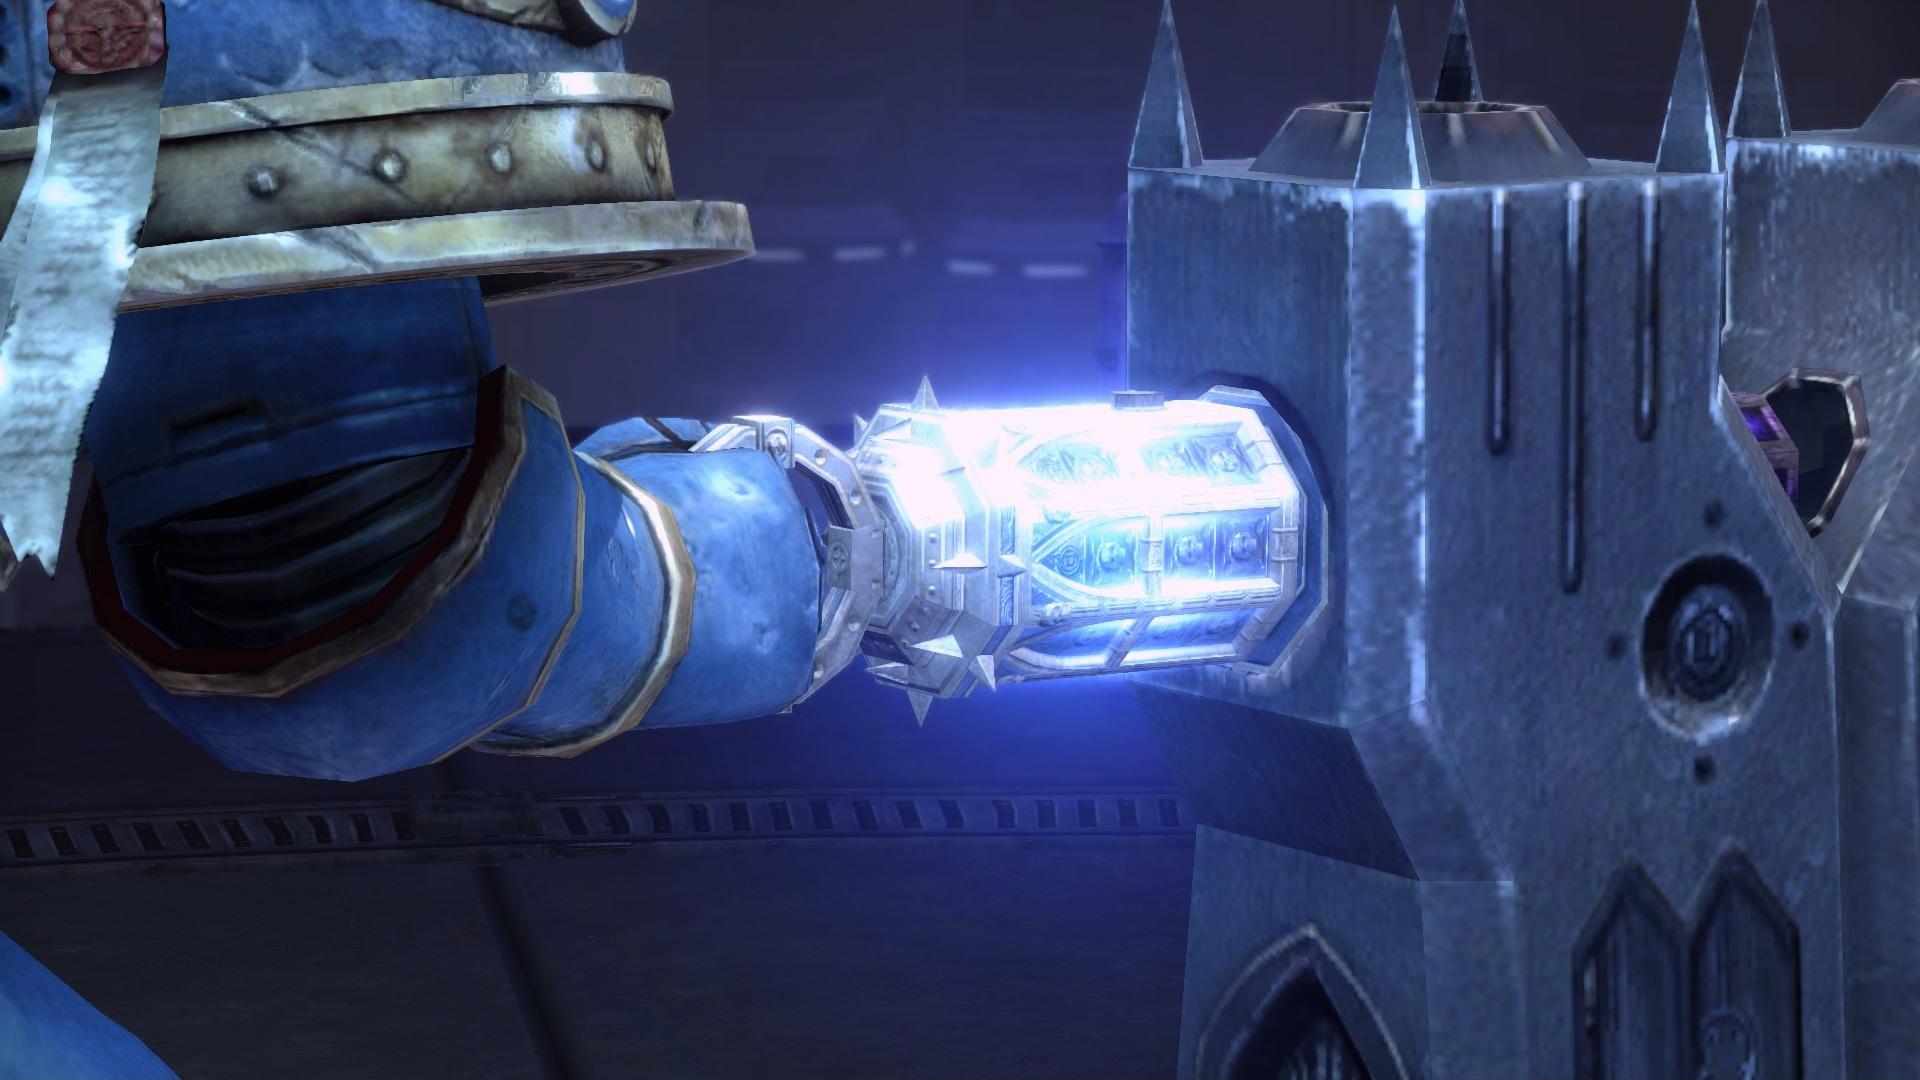 spacecraft power sources - photo #20